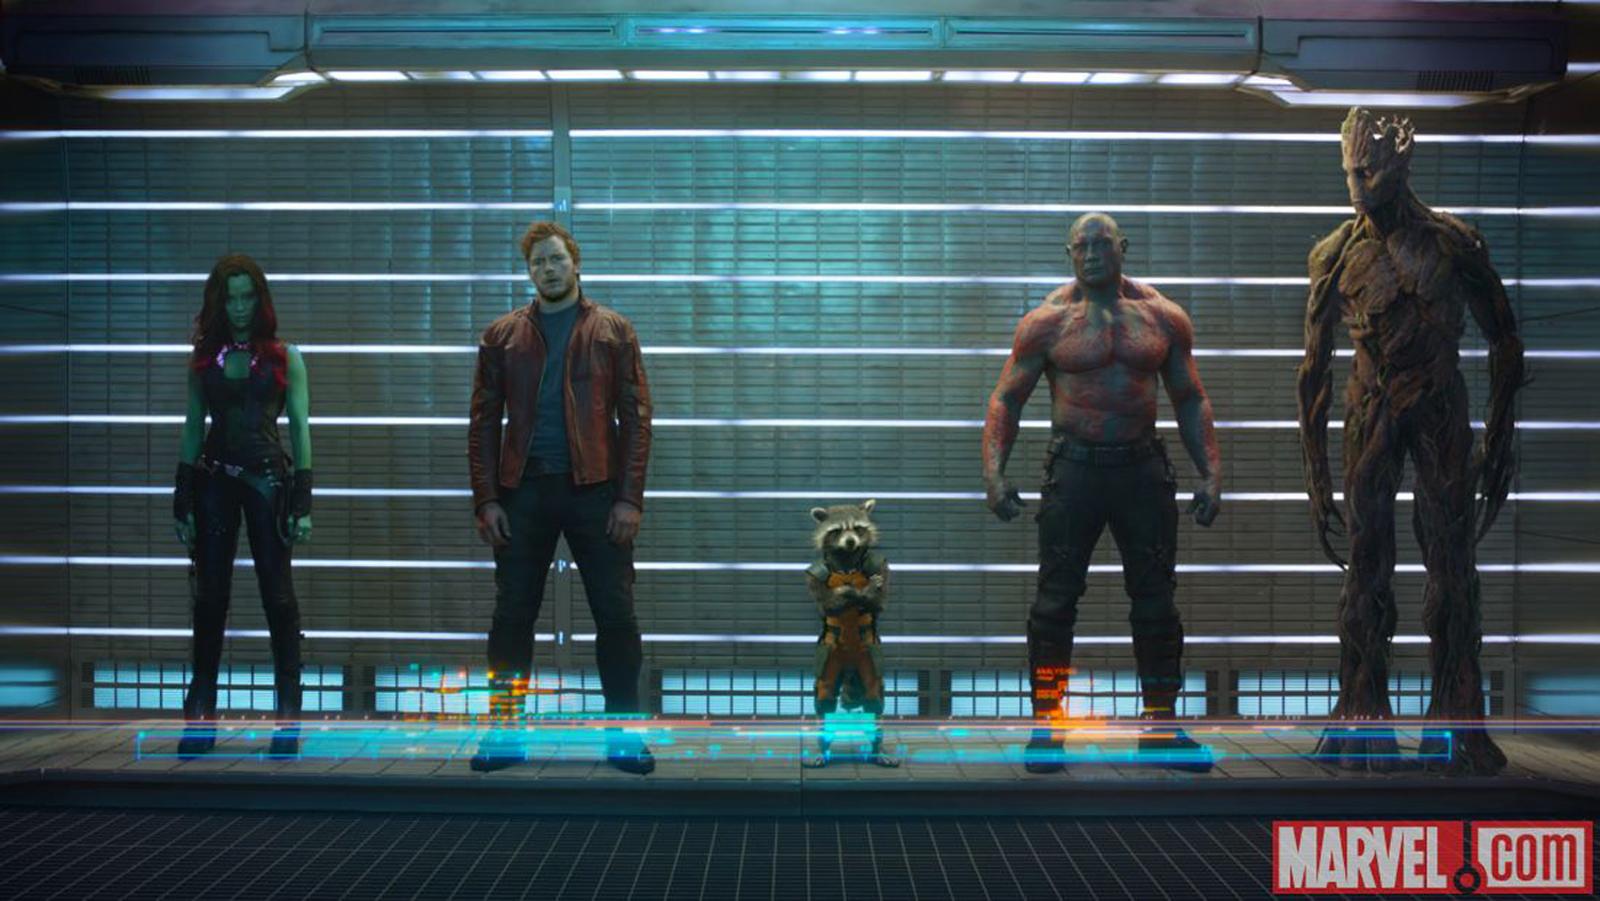 Marvel представил первый тизер «Стражей Галактики»